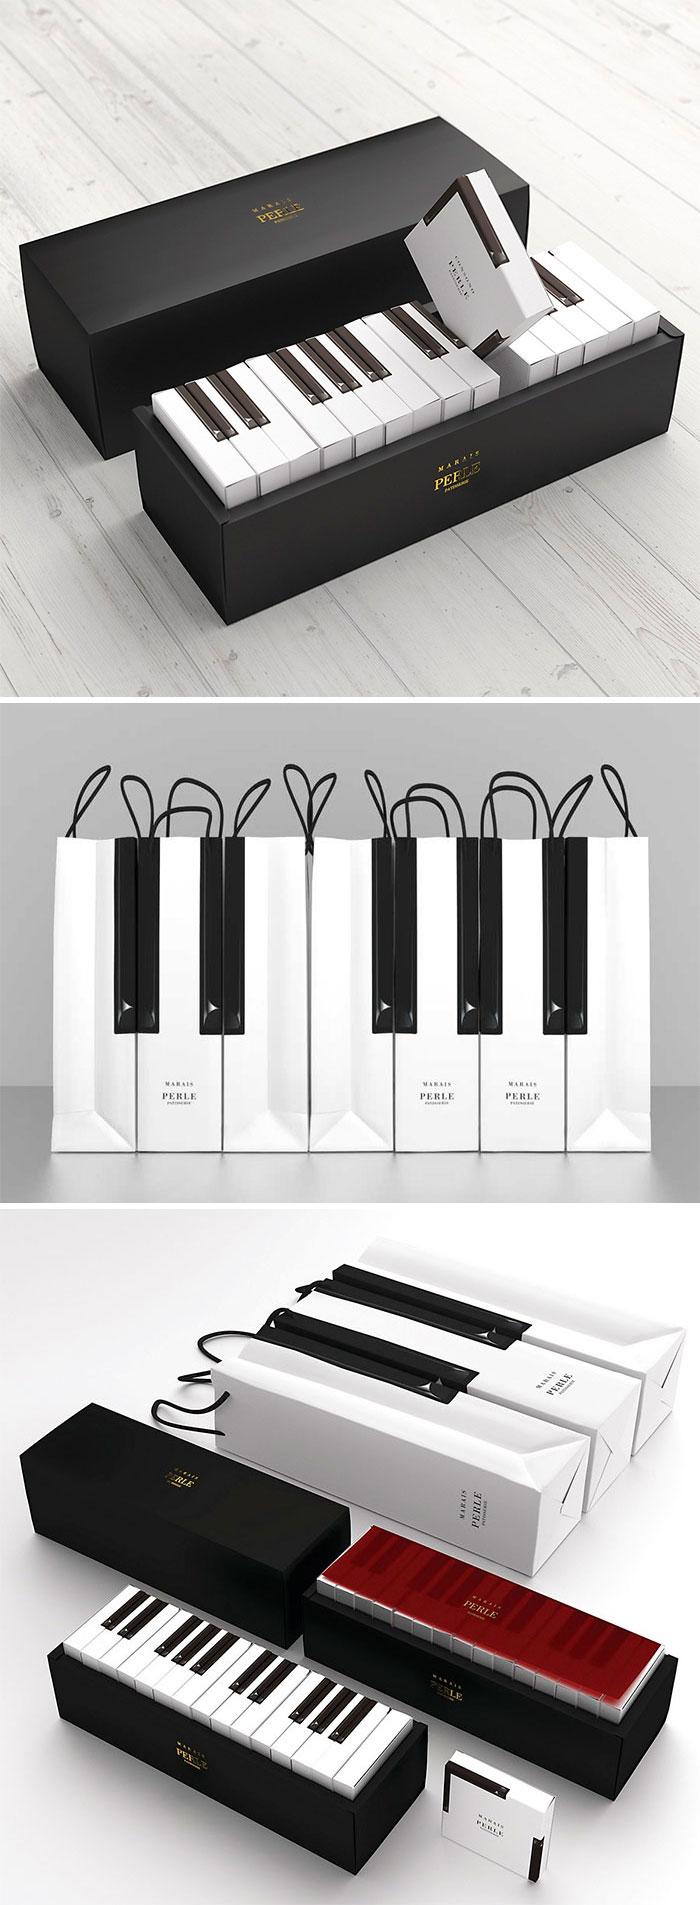 32. Упаковка для кексов в виде клавиатуры пианино